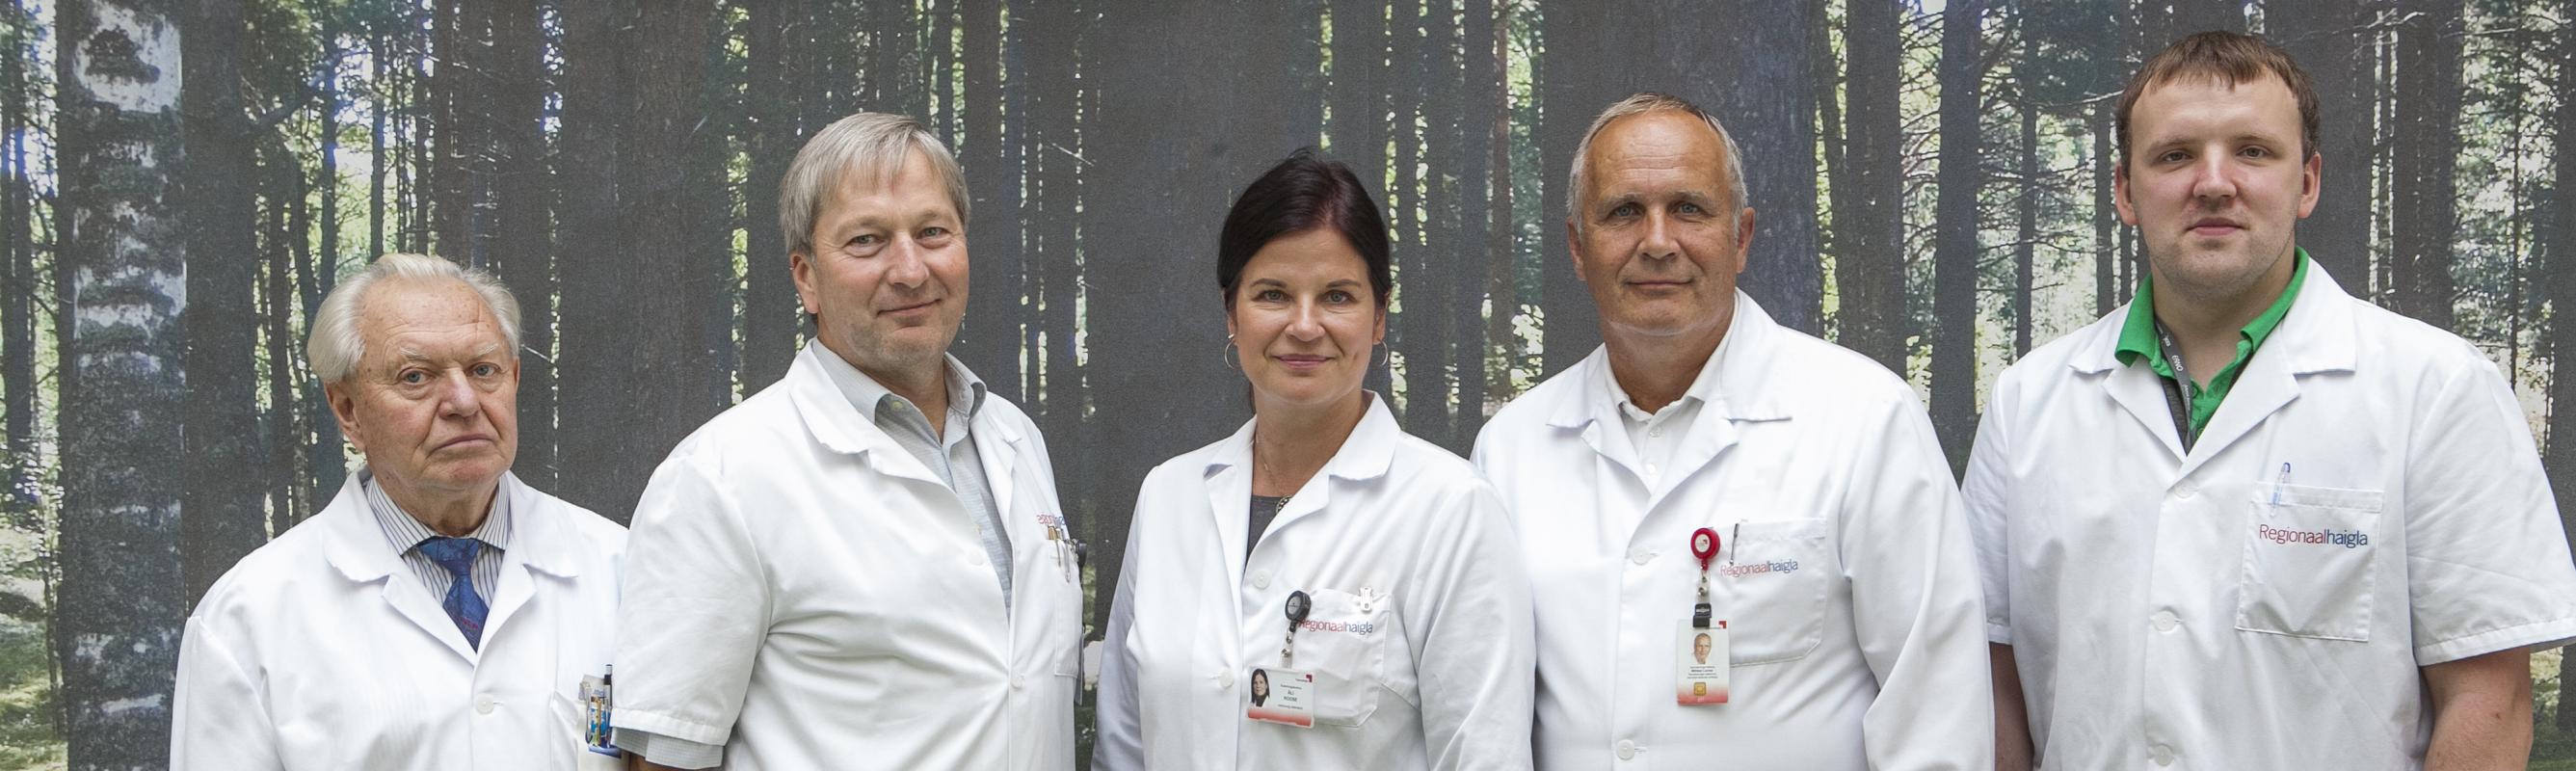 Kesknärvisüsteemi kasvajate interdistsiplinaarne töögrupp